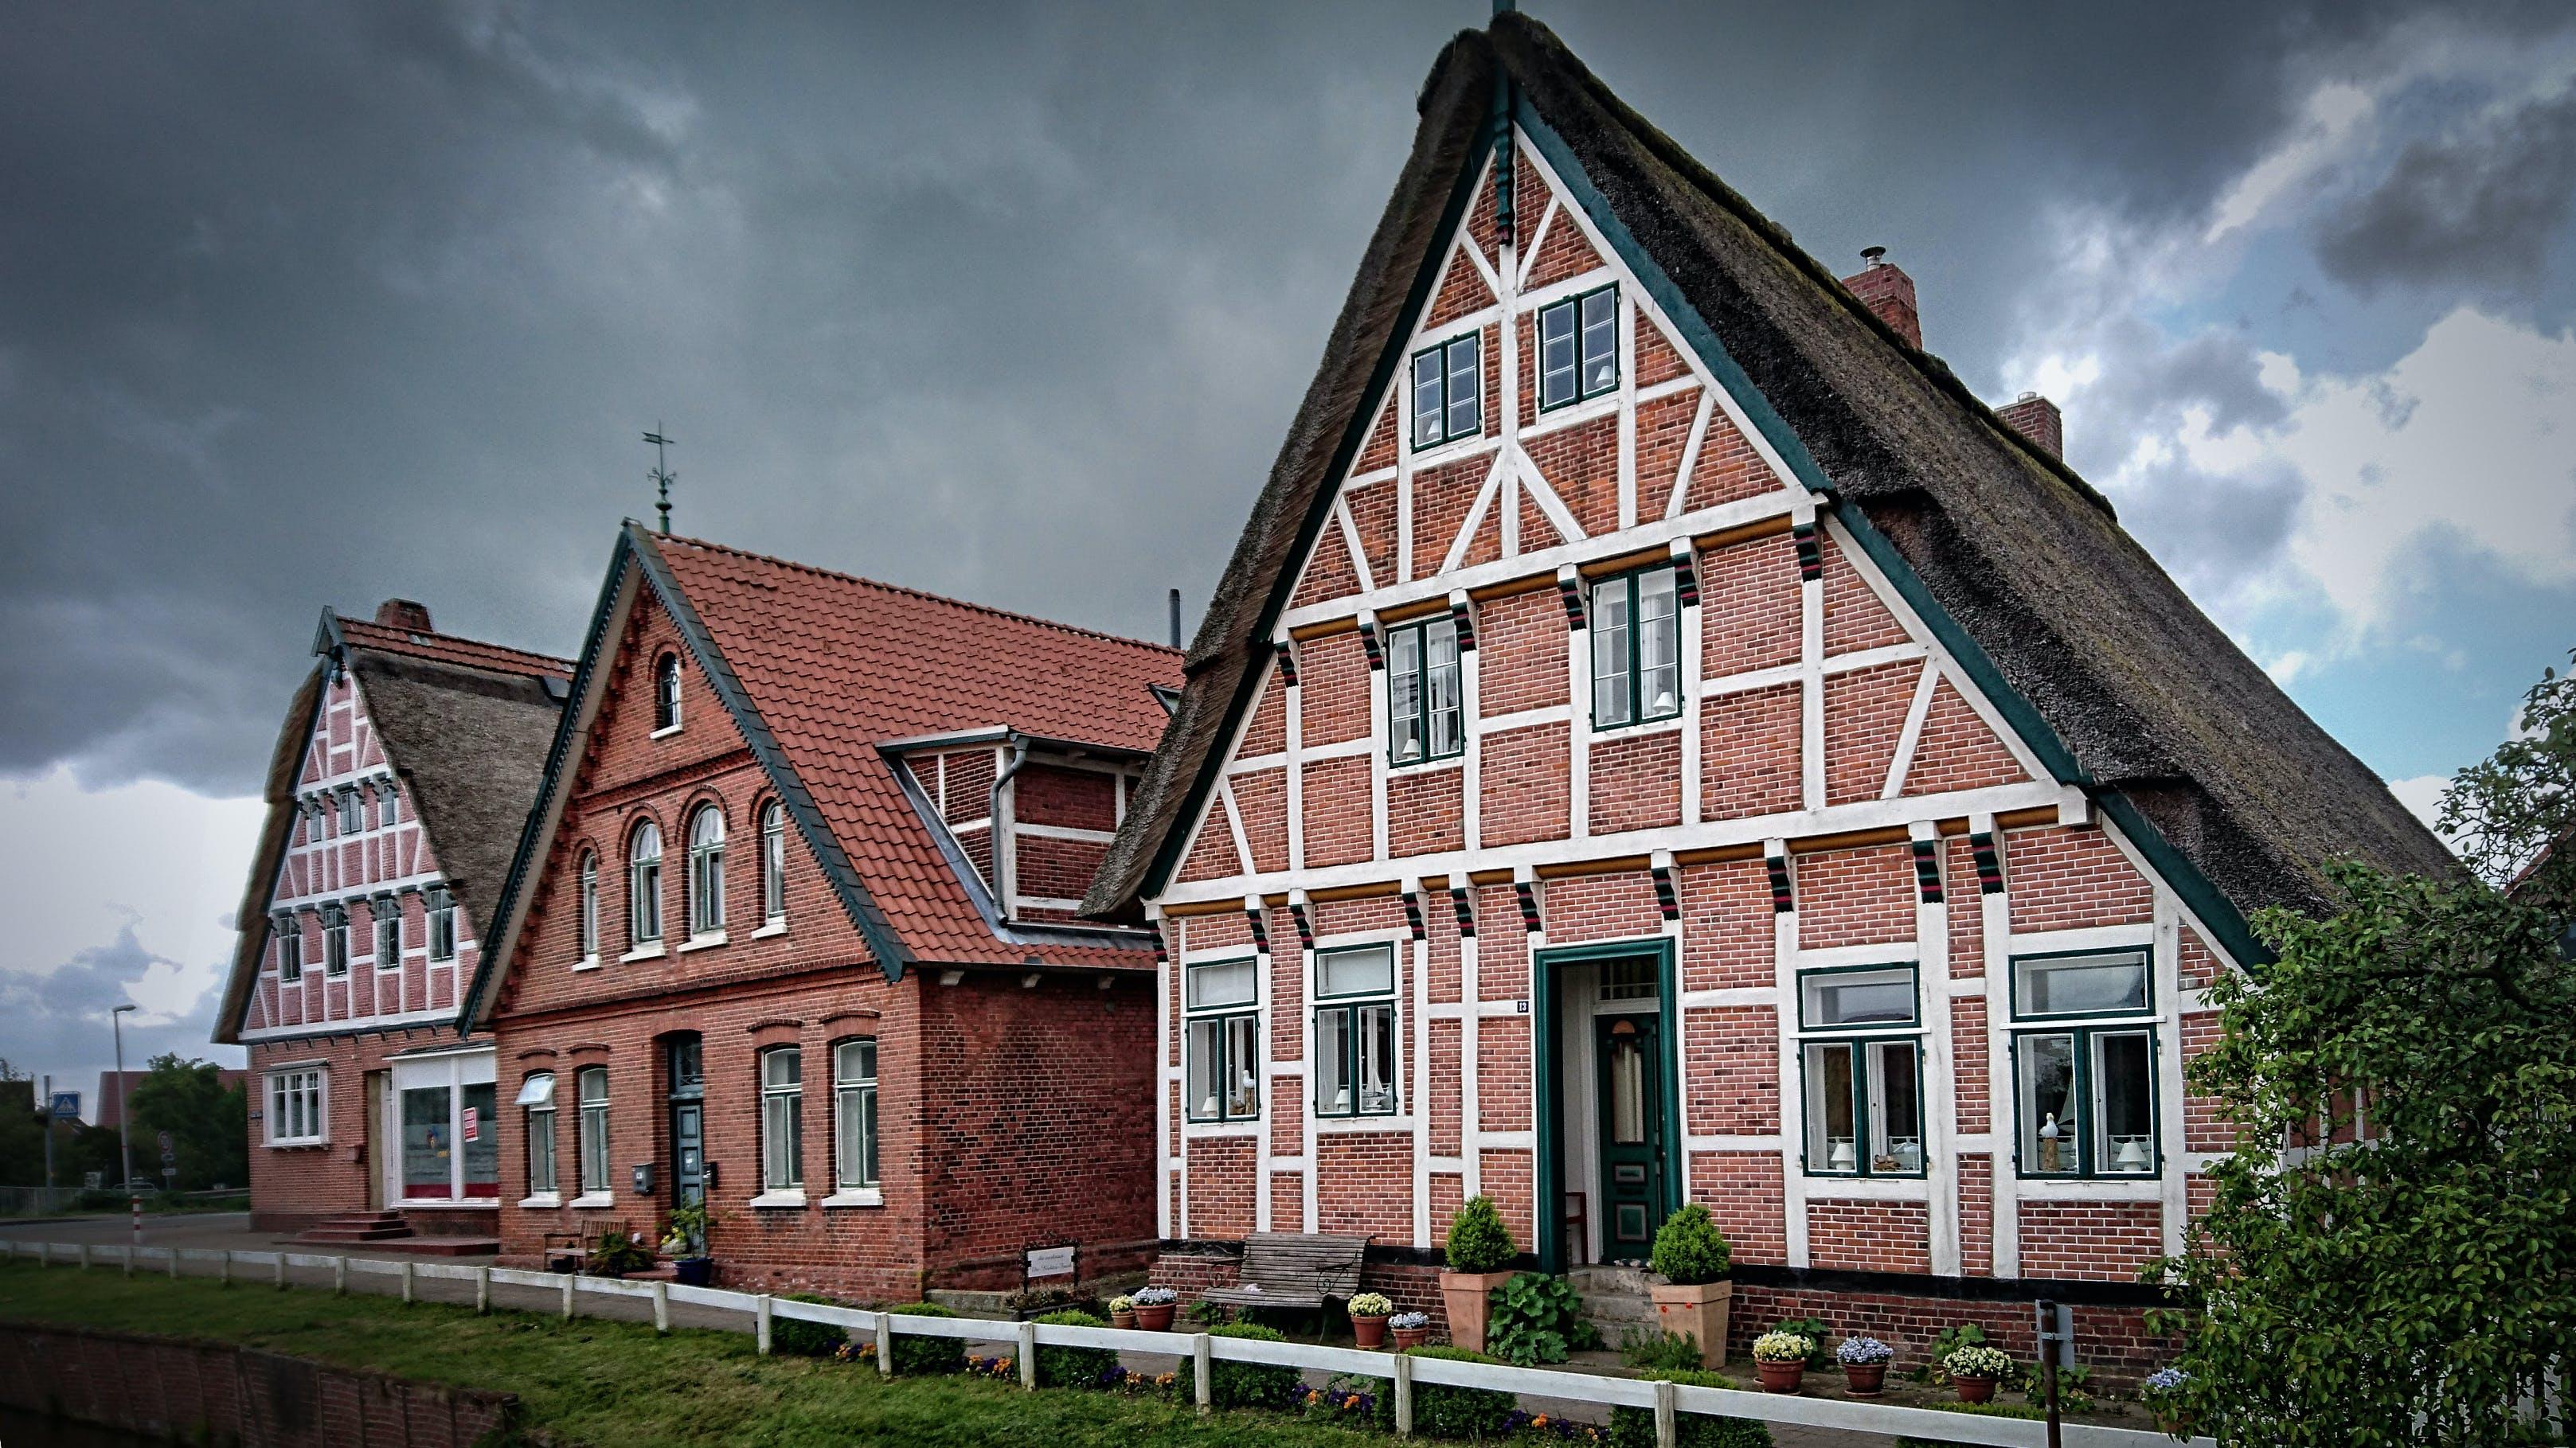 Brown Brick Houses